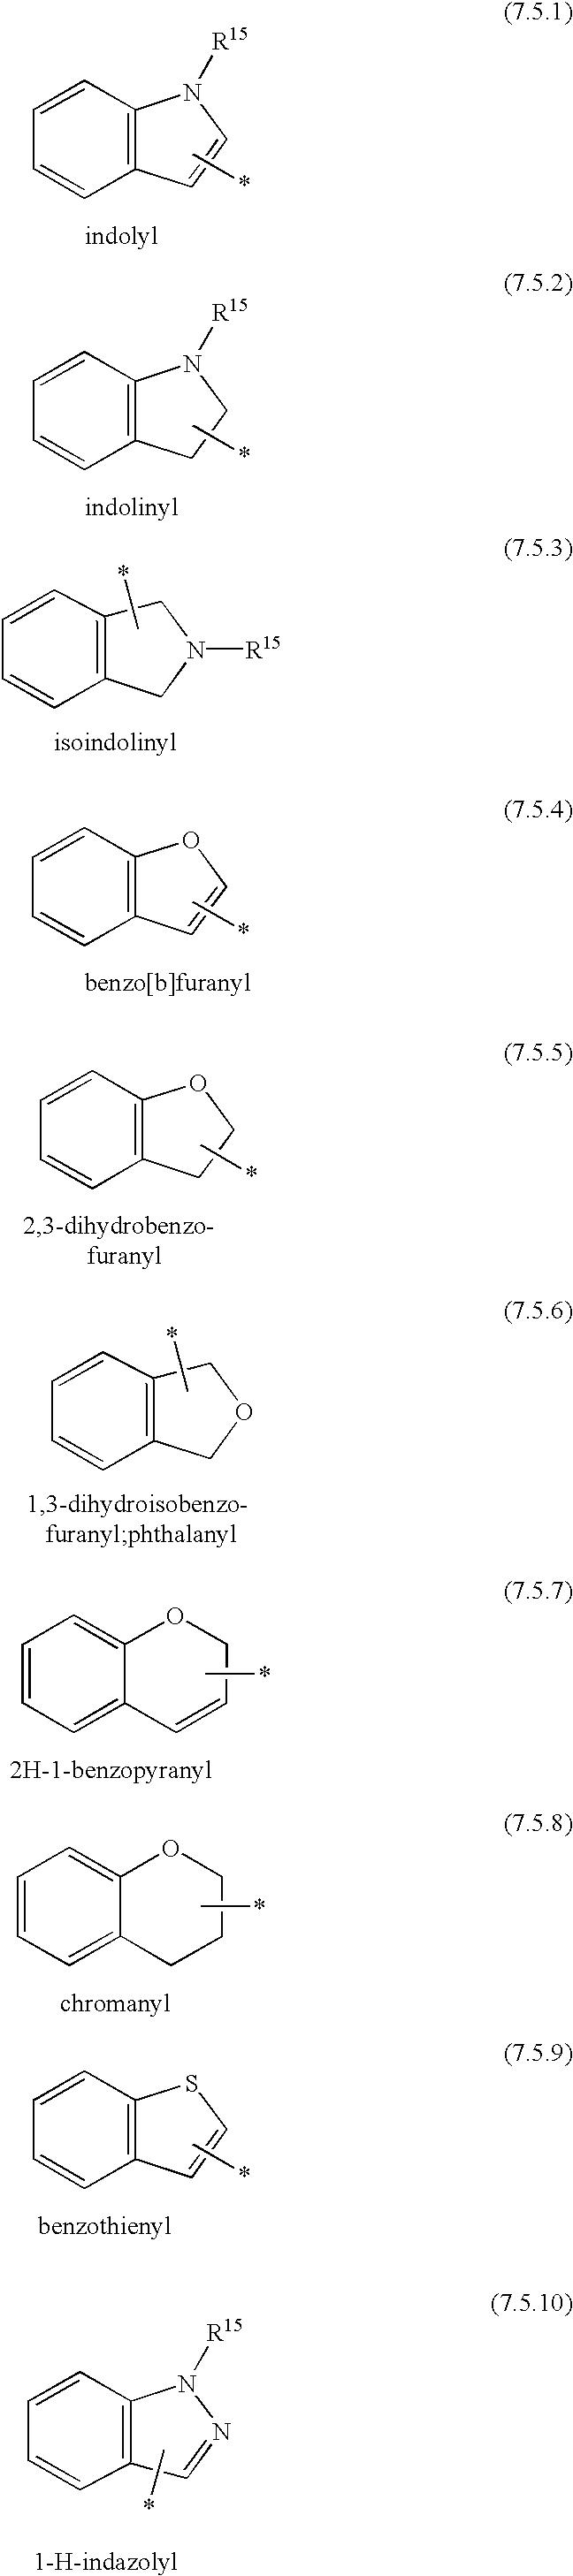 Figure US20020123520A1-20020905-C00110